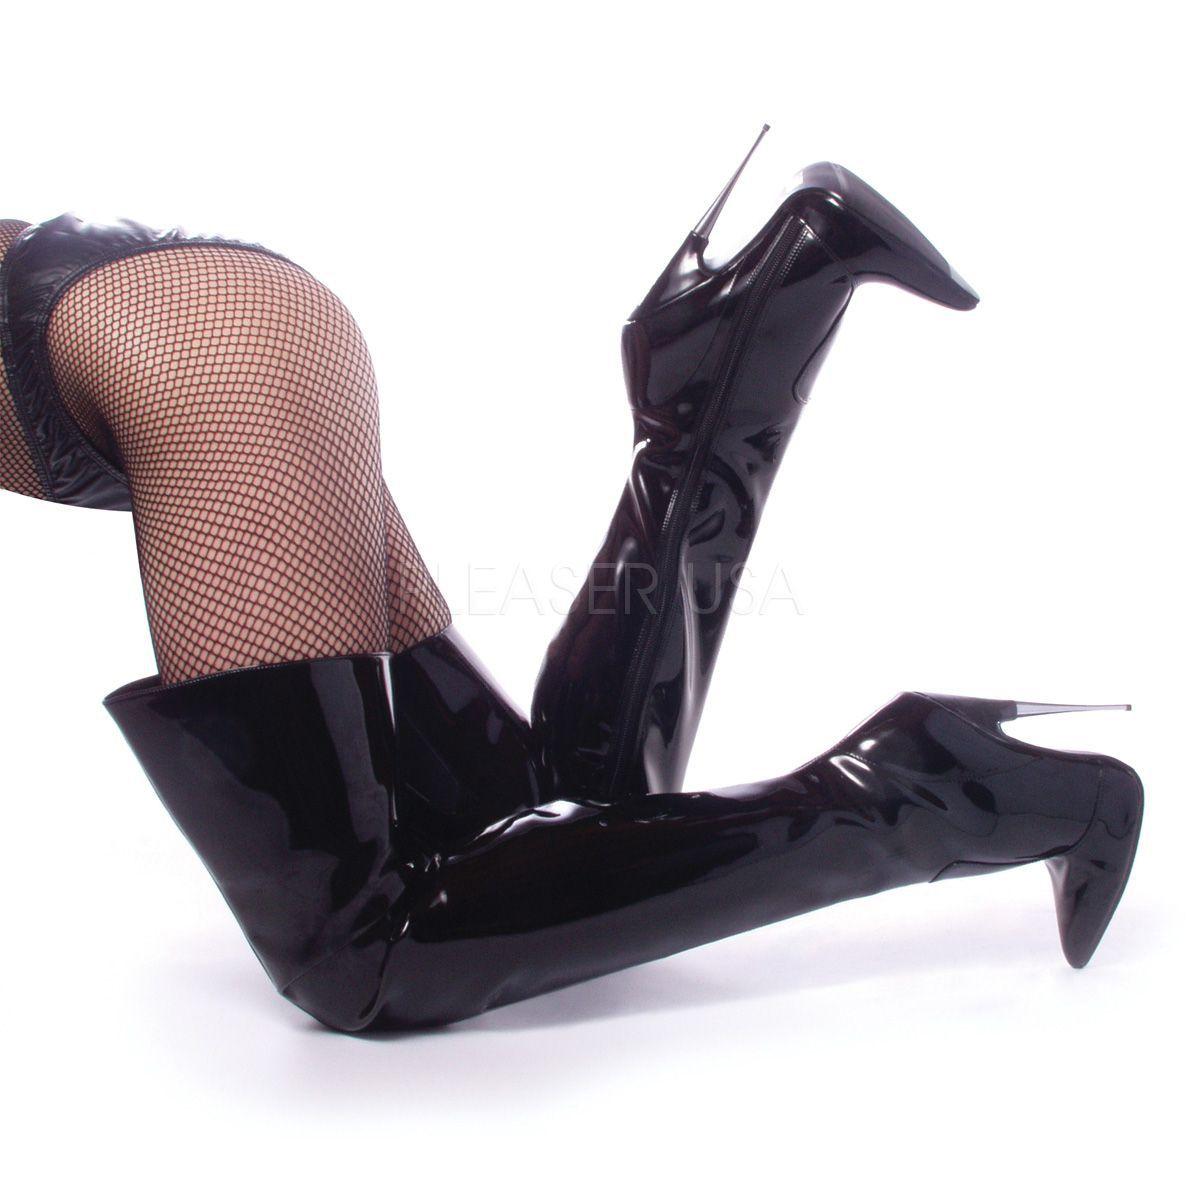 Botas altas fetish de dóminas tacón de aguja metálico de talla 35 a 46